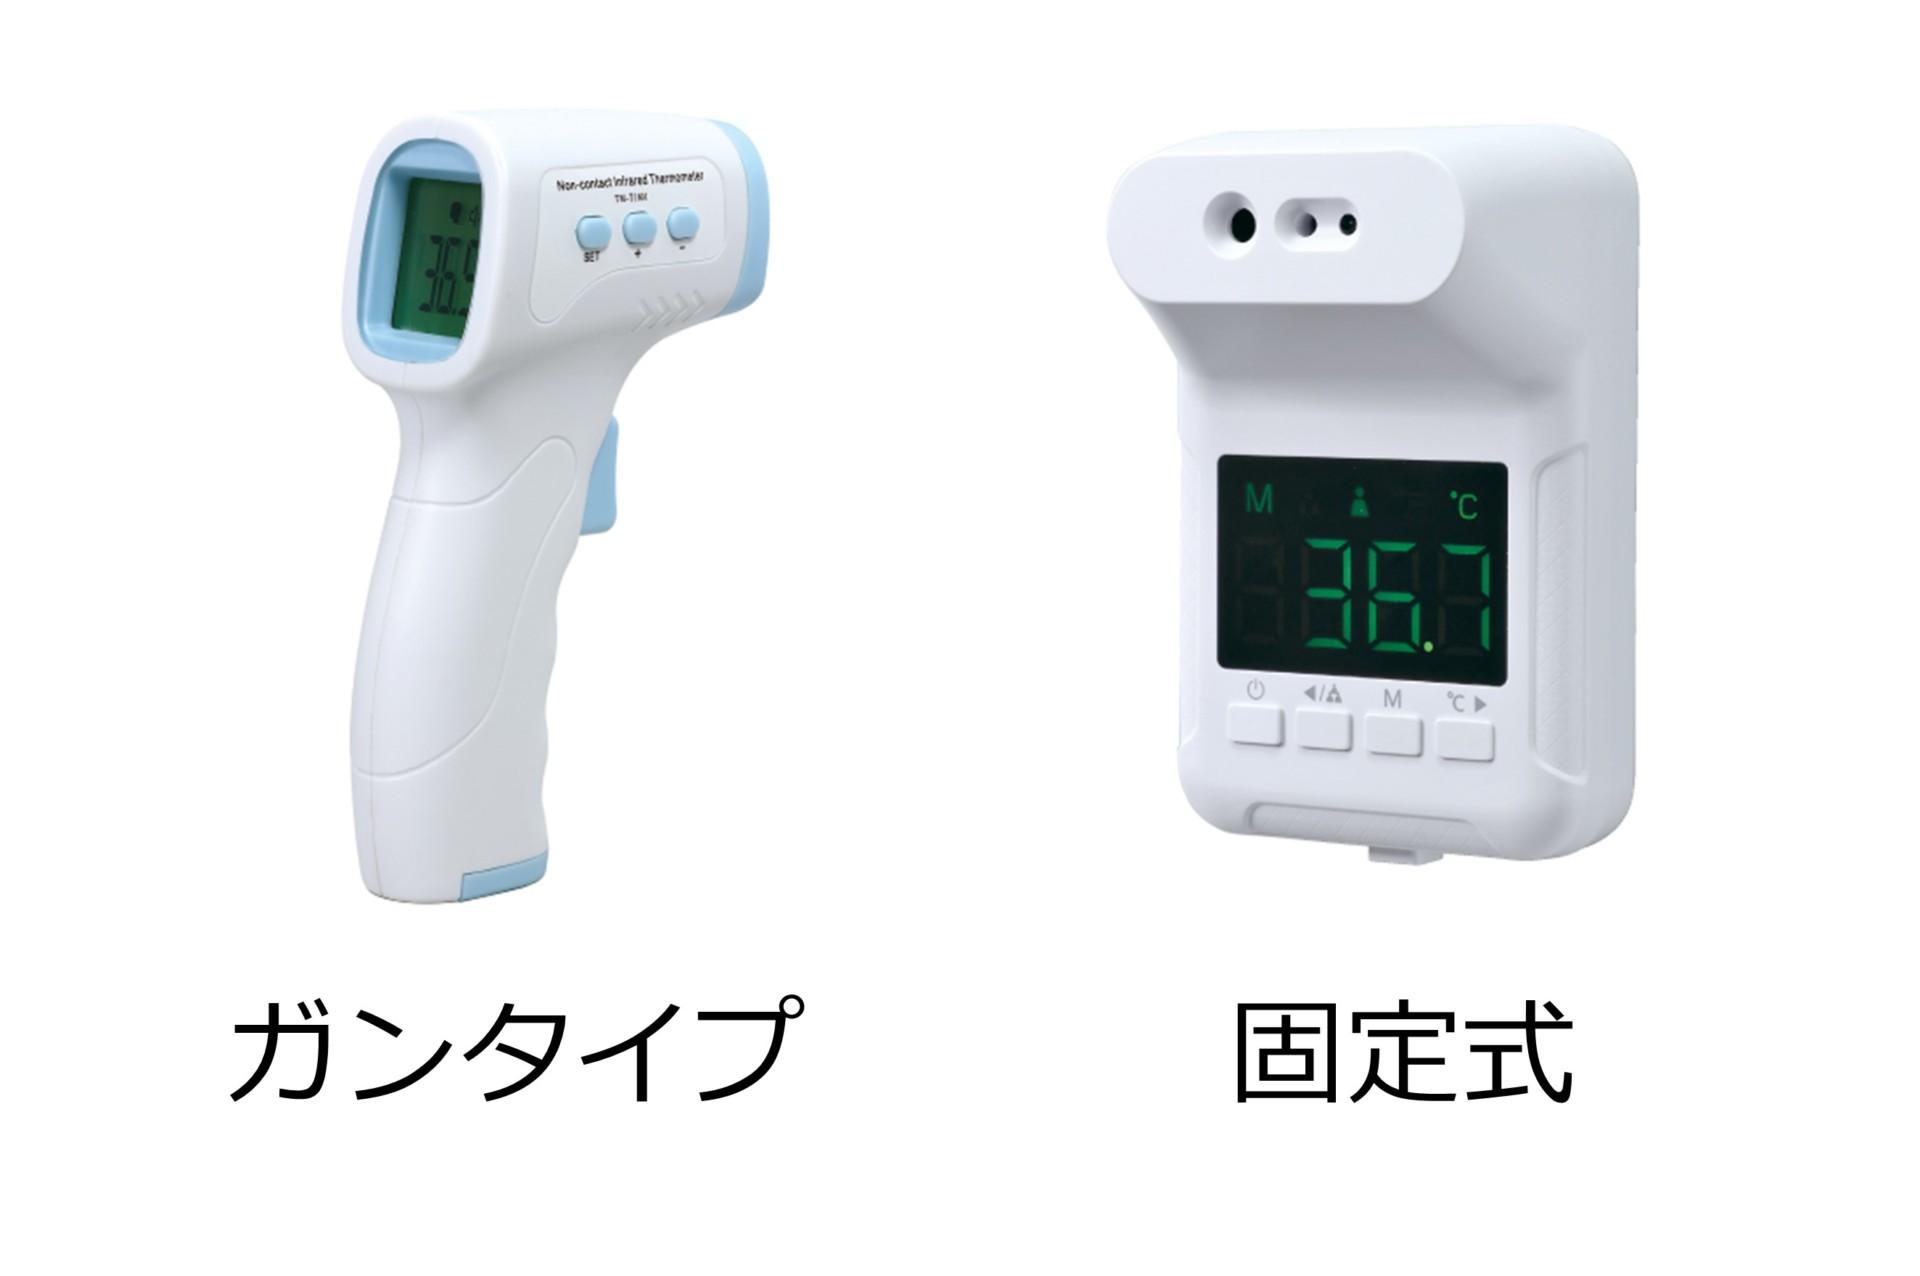 非接触温度計